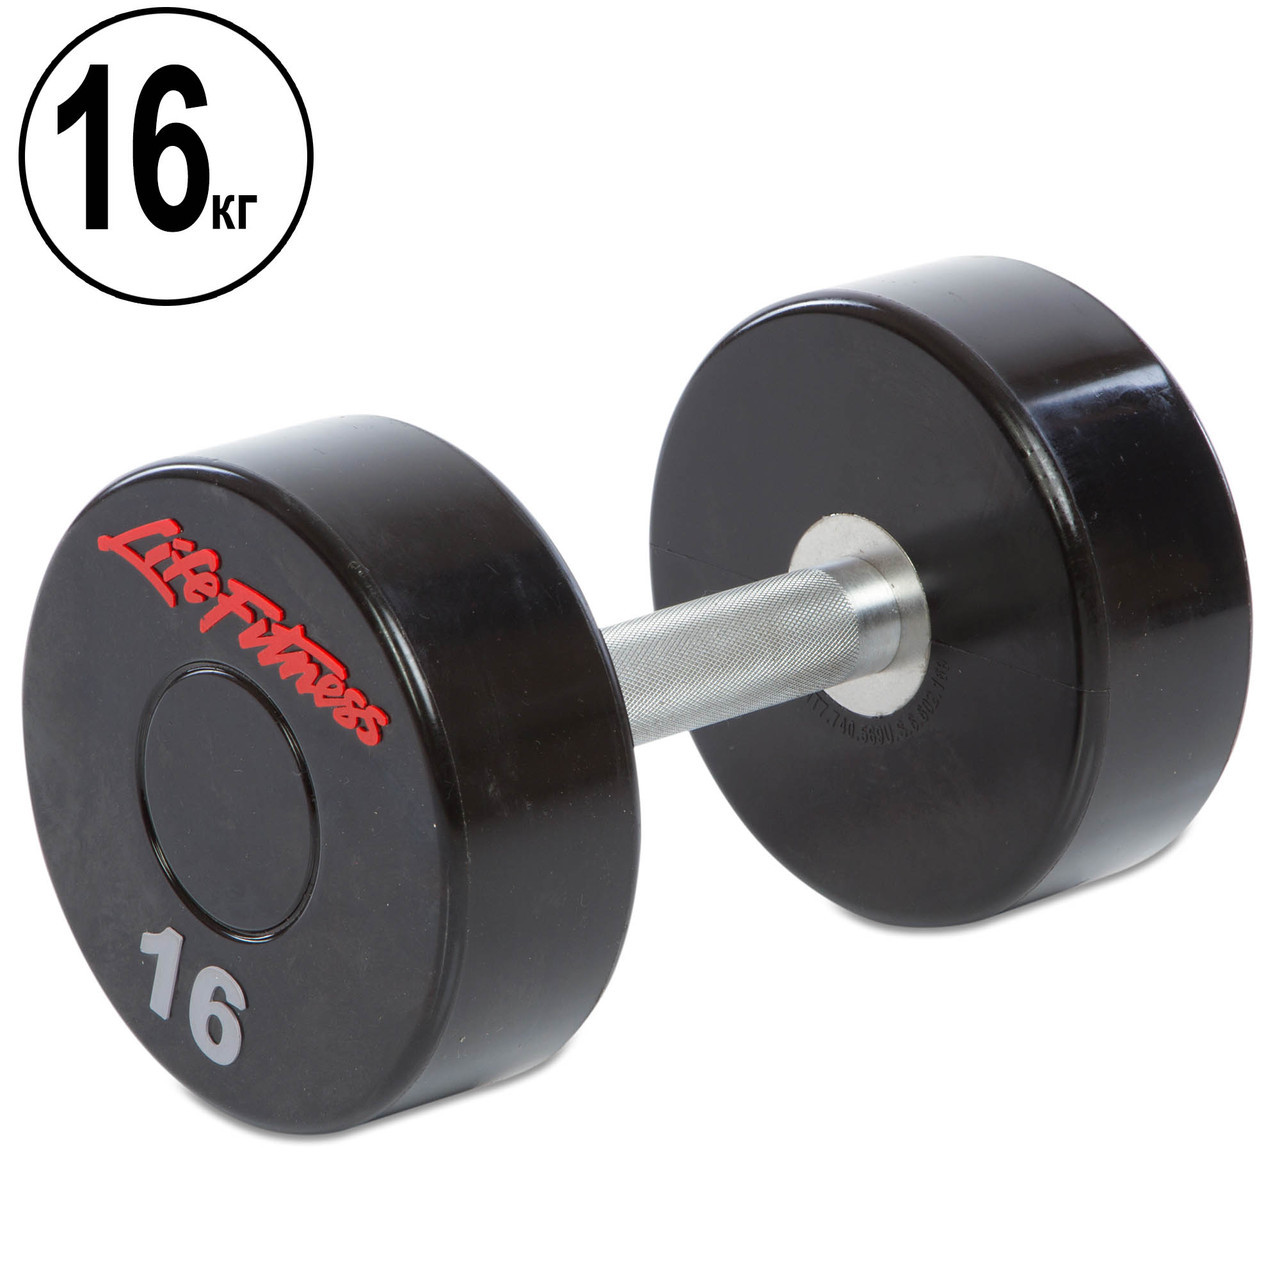 Гантель цельная профессиональная Life Fitness (1шт) 16кг (SC-80081-16)